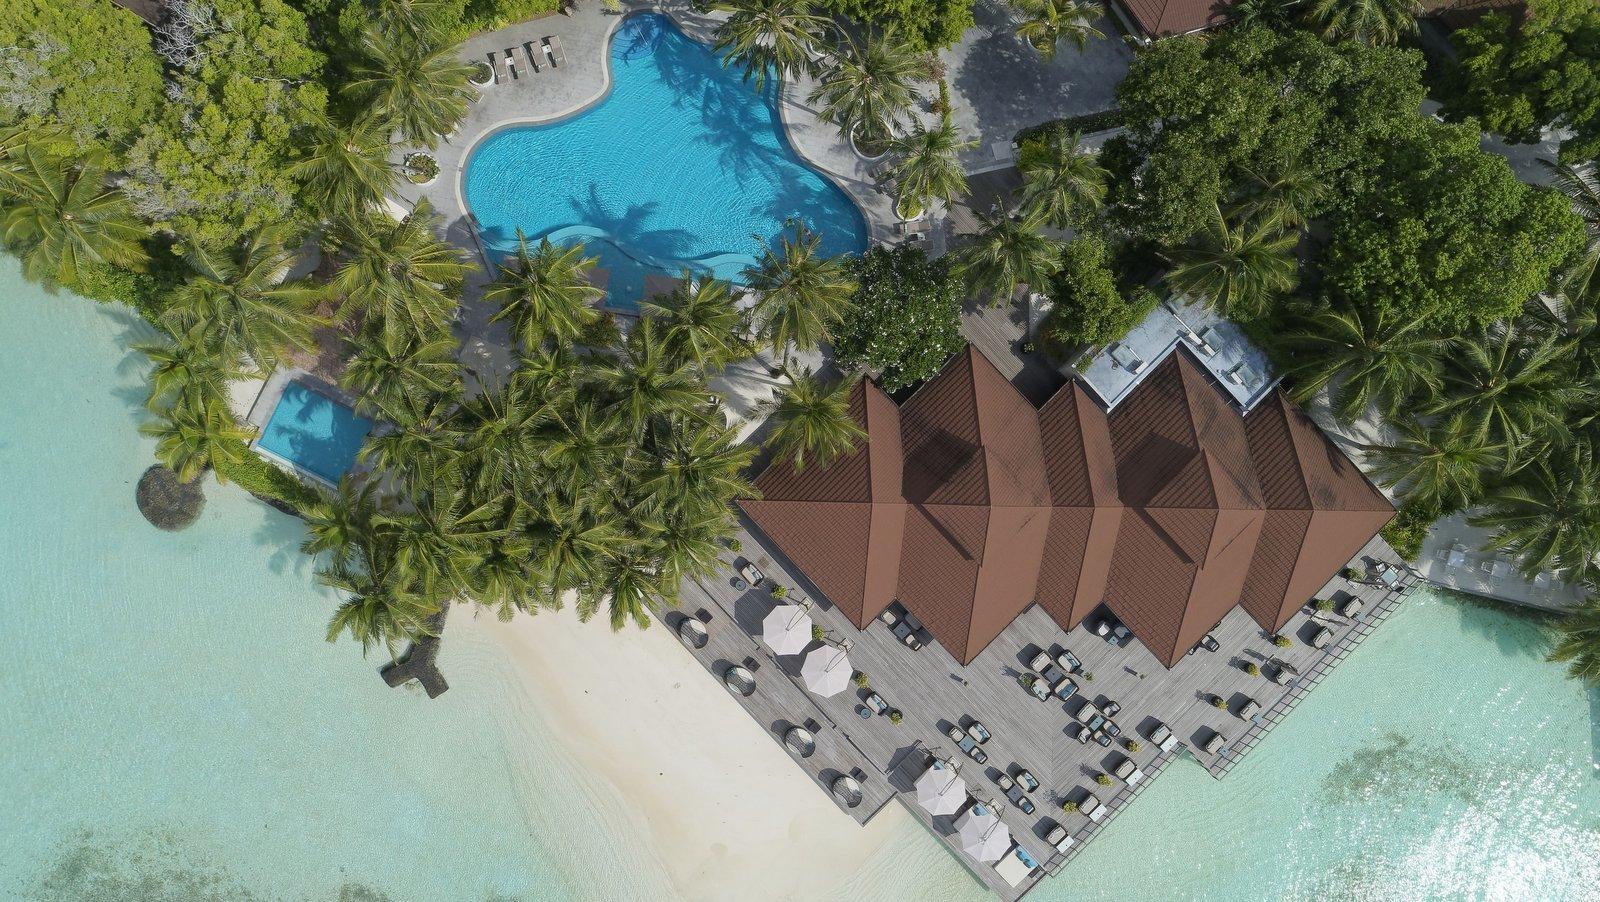 Мальдивы, отель Kurumba Maldives, Kandu Bar